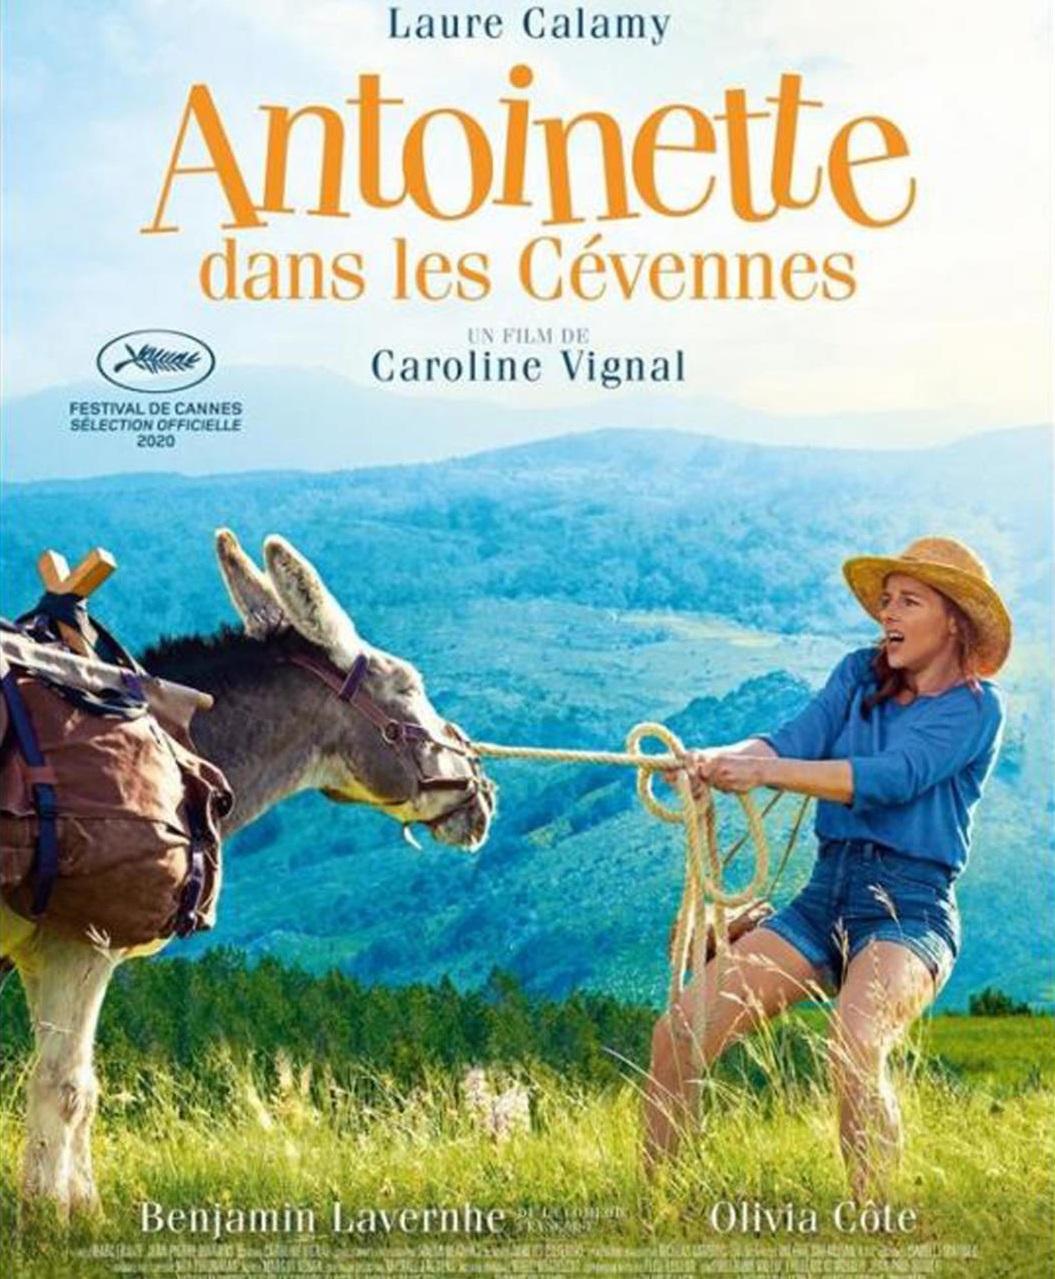 affiche_antoinette_cevennes_ok_0